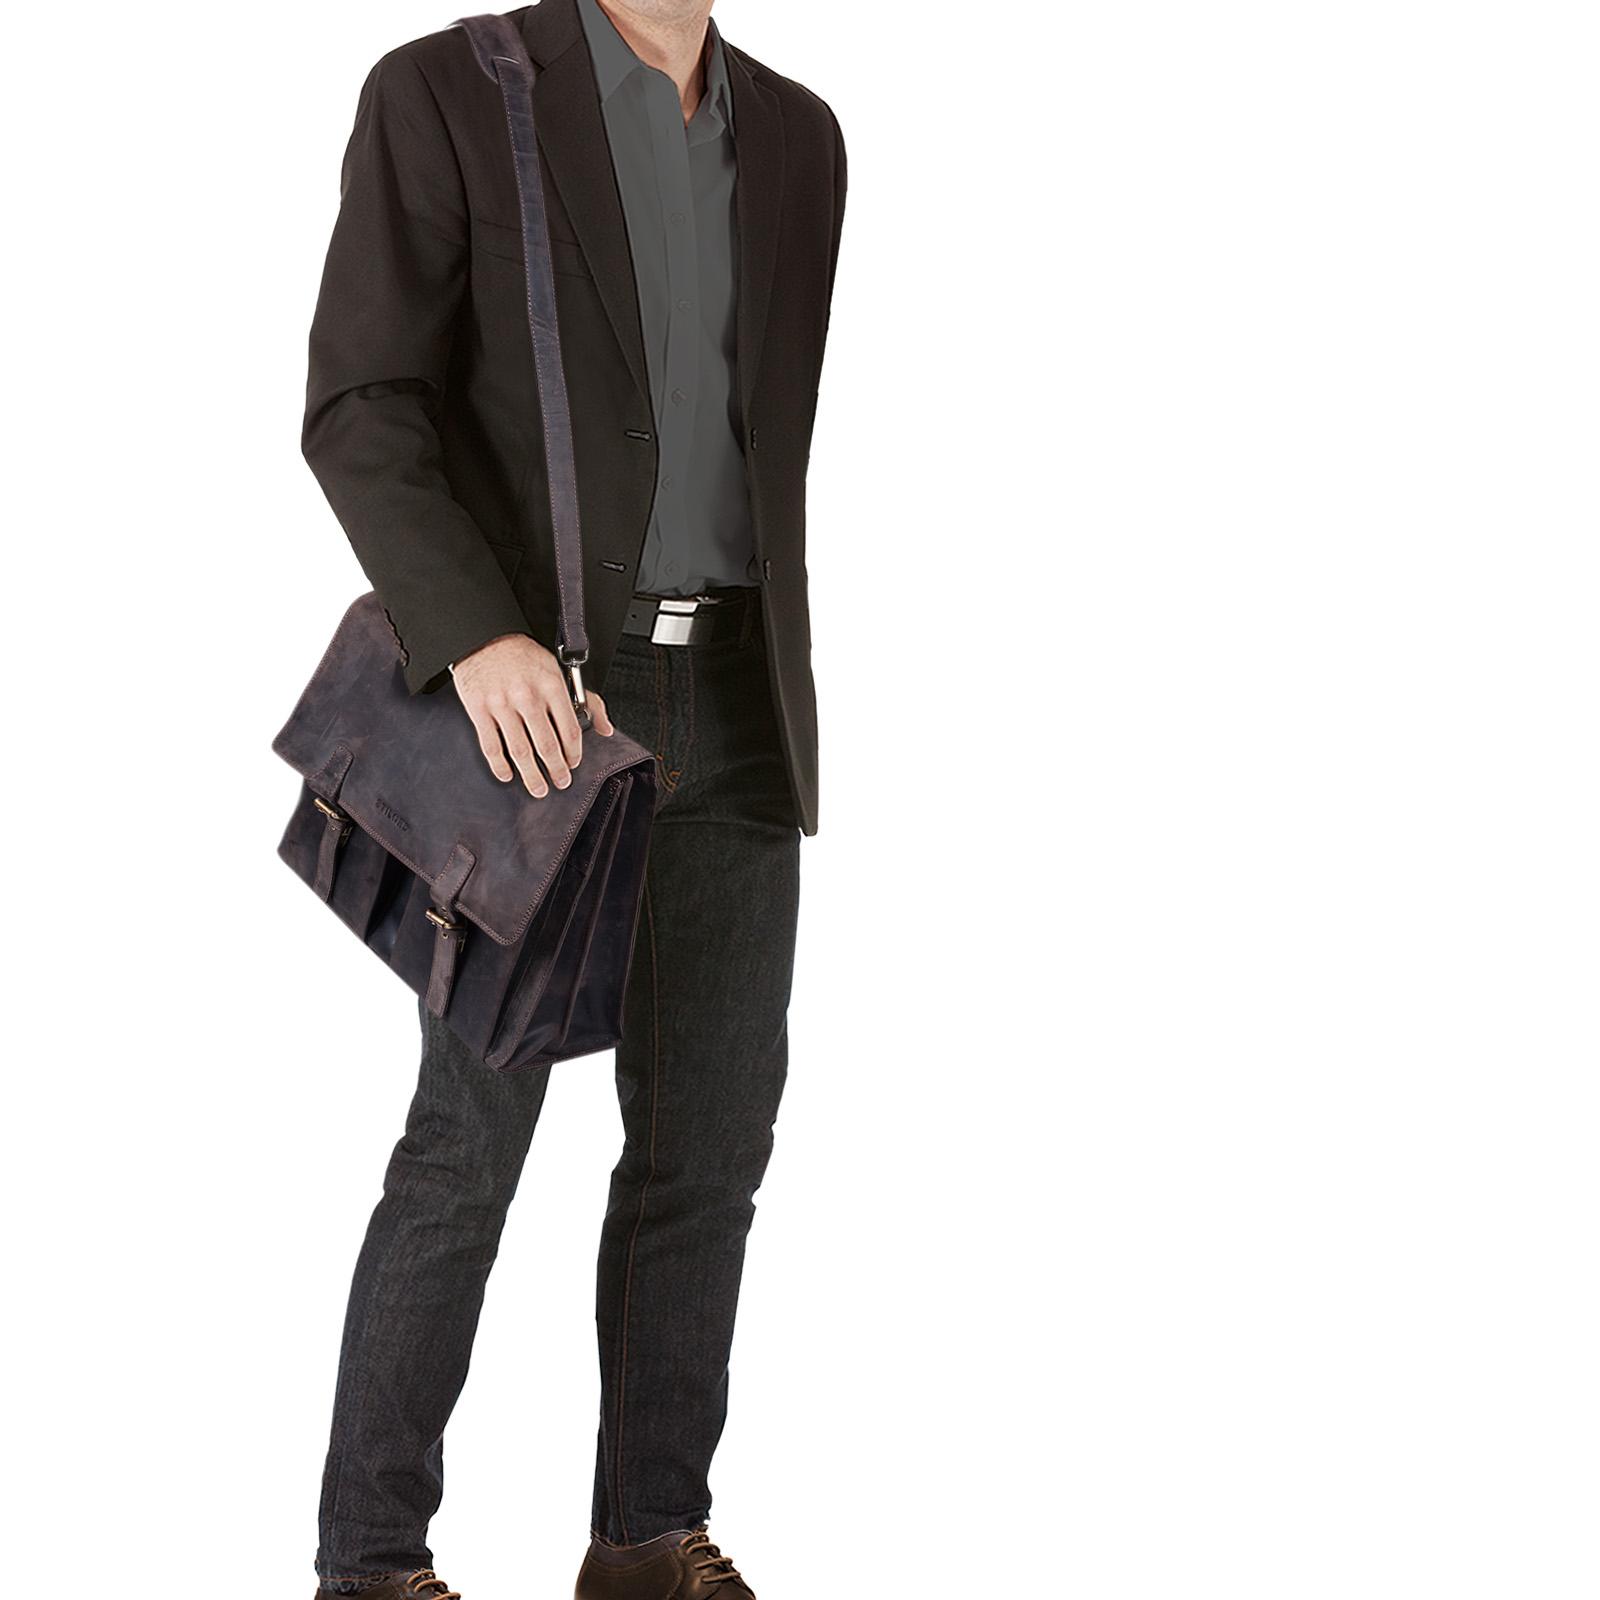 """STILORD B-WARE """"Constantin"""" Vintage Lehrertasche Aktentasche Herren Damen Bürotasche Hauptfach für 15.6 Zoll Laptop Umhängetasche groß Leder - Bild 2"""